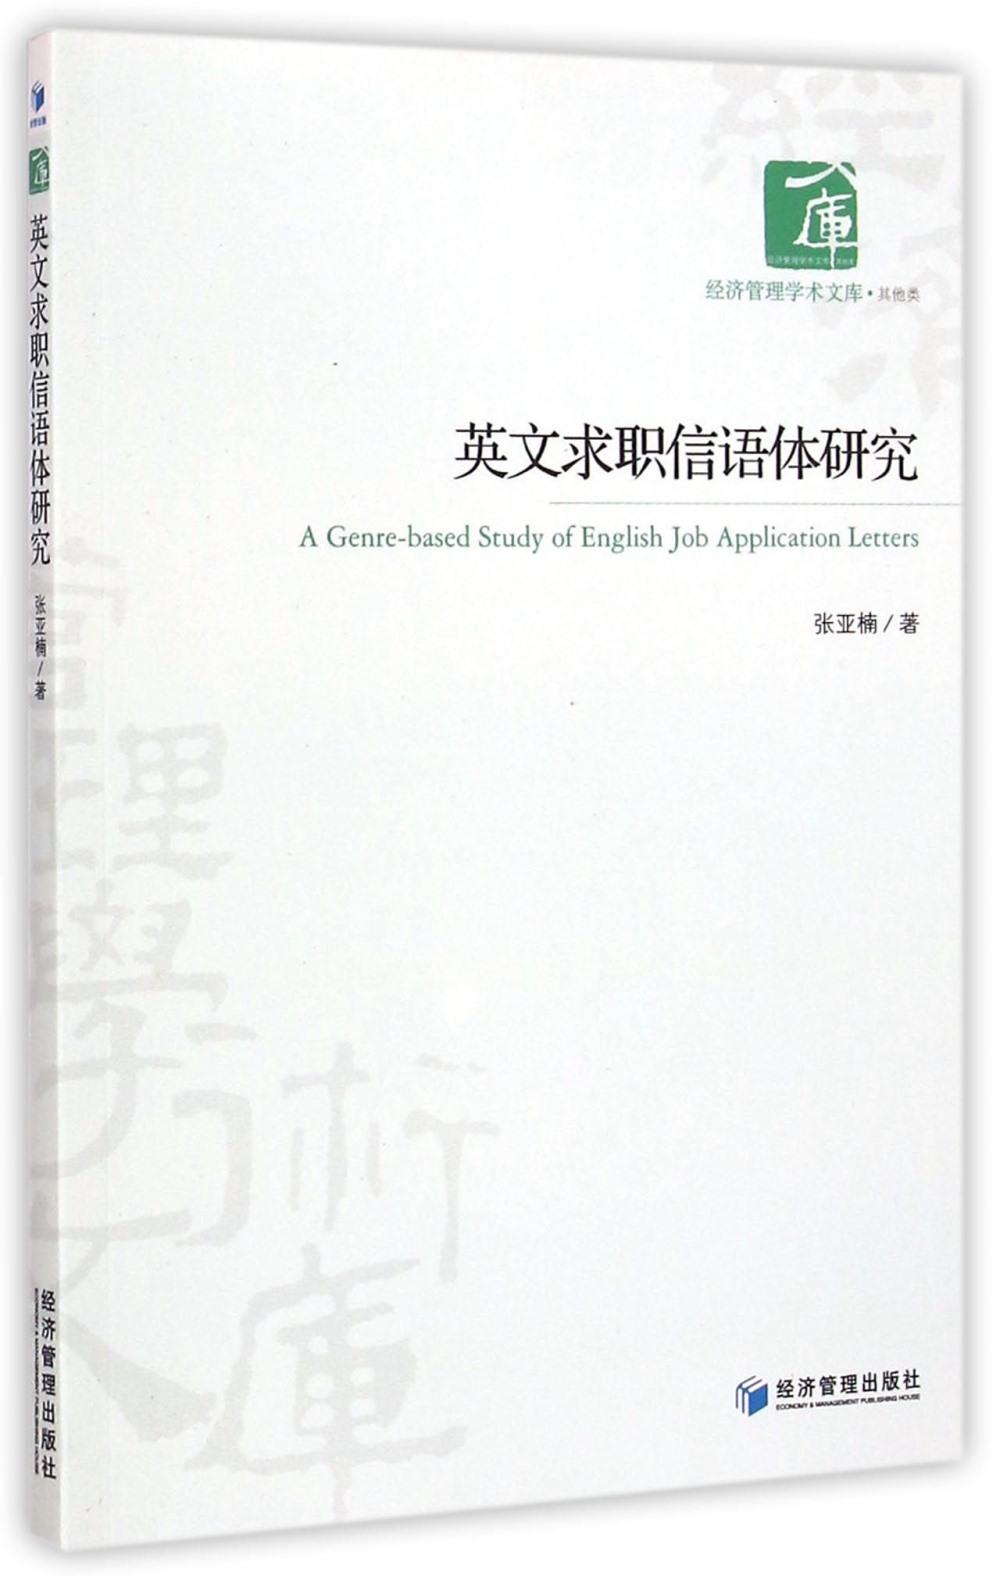 英文求職信語體研究